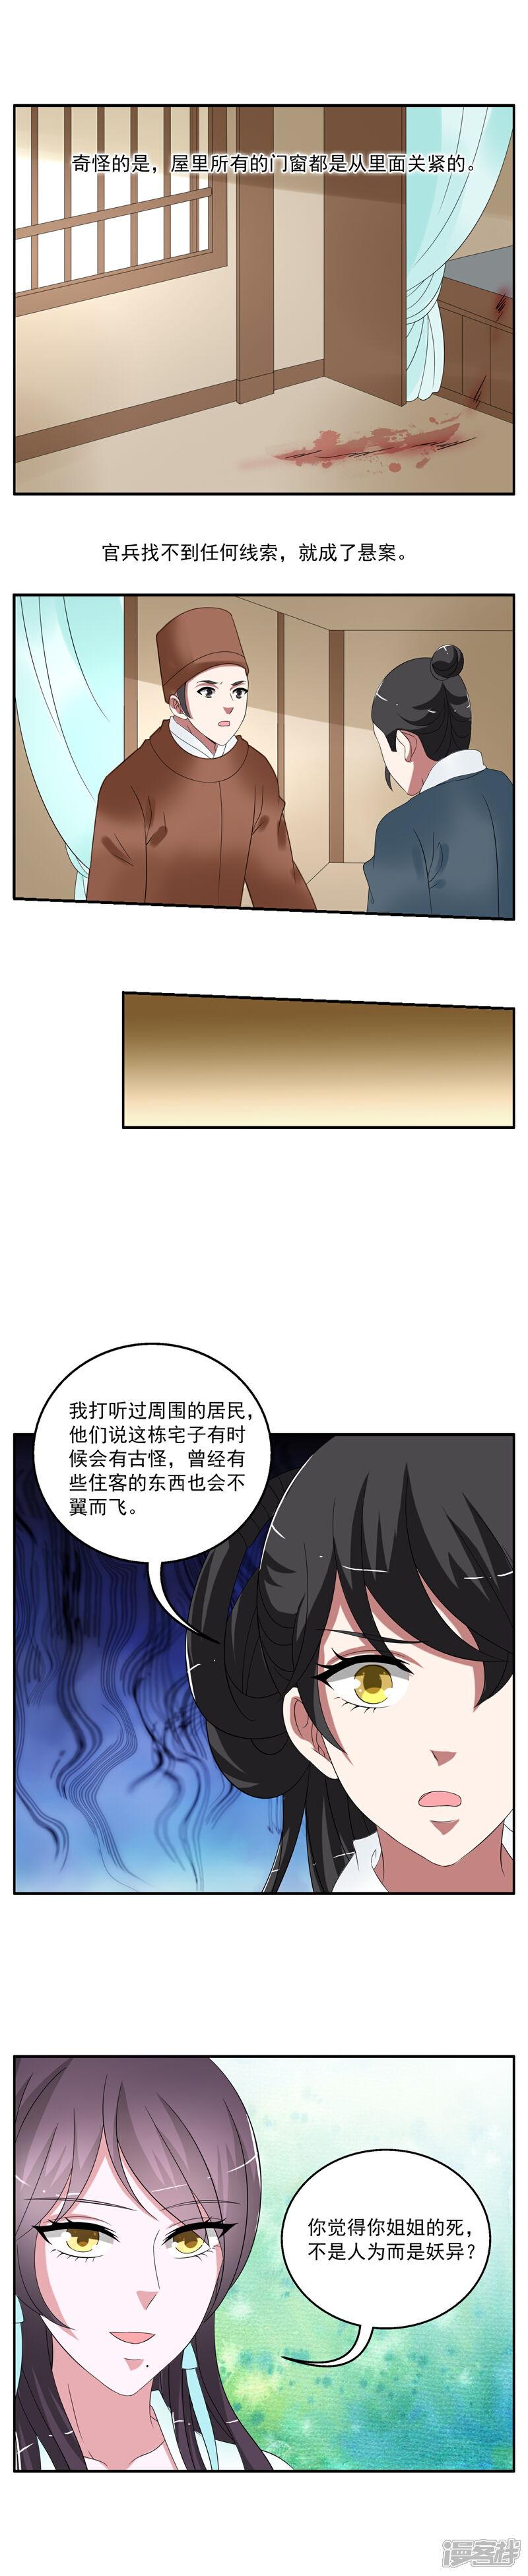 洛小妖164 (3).JPG